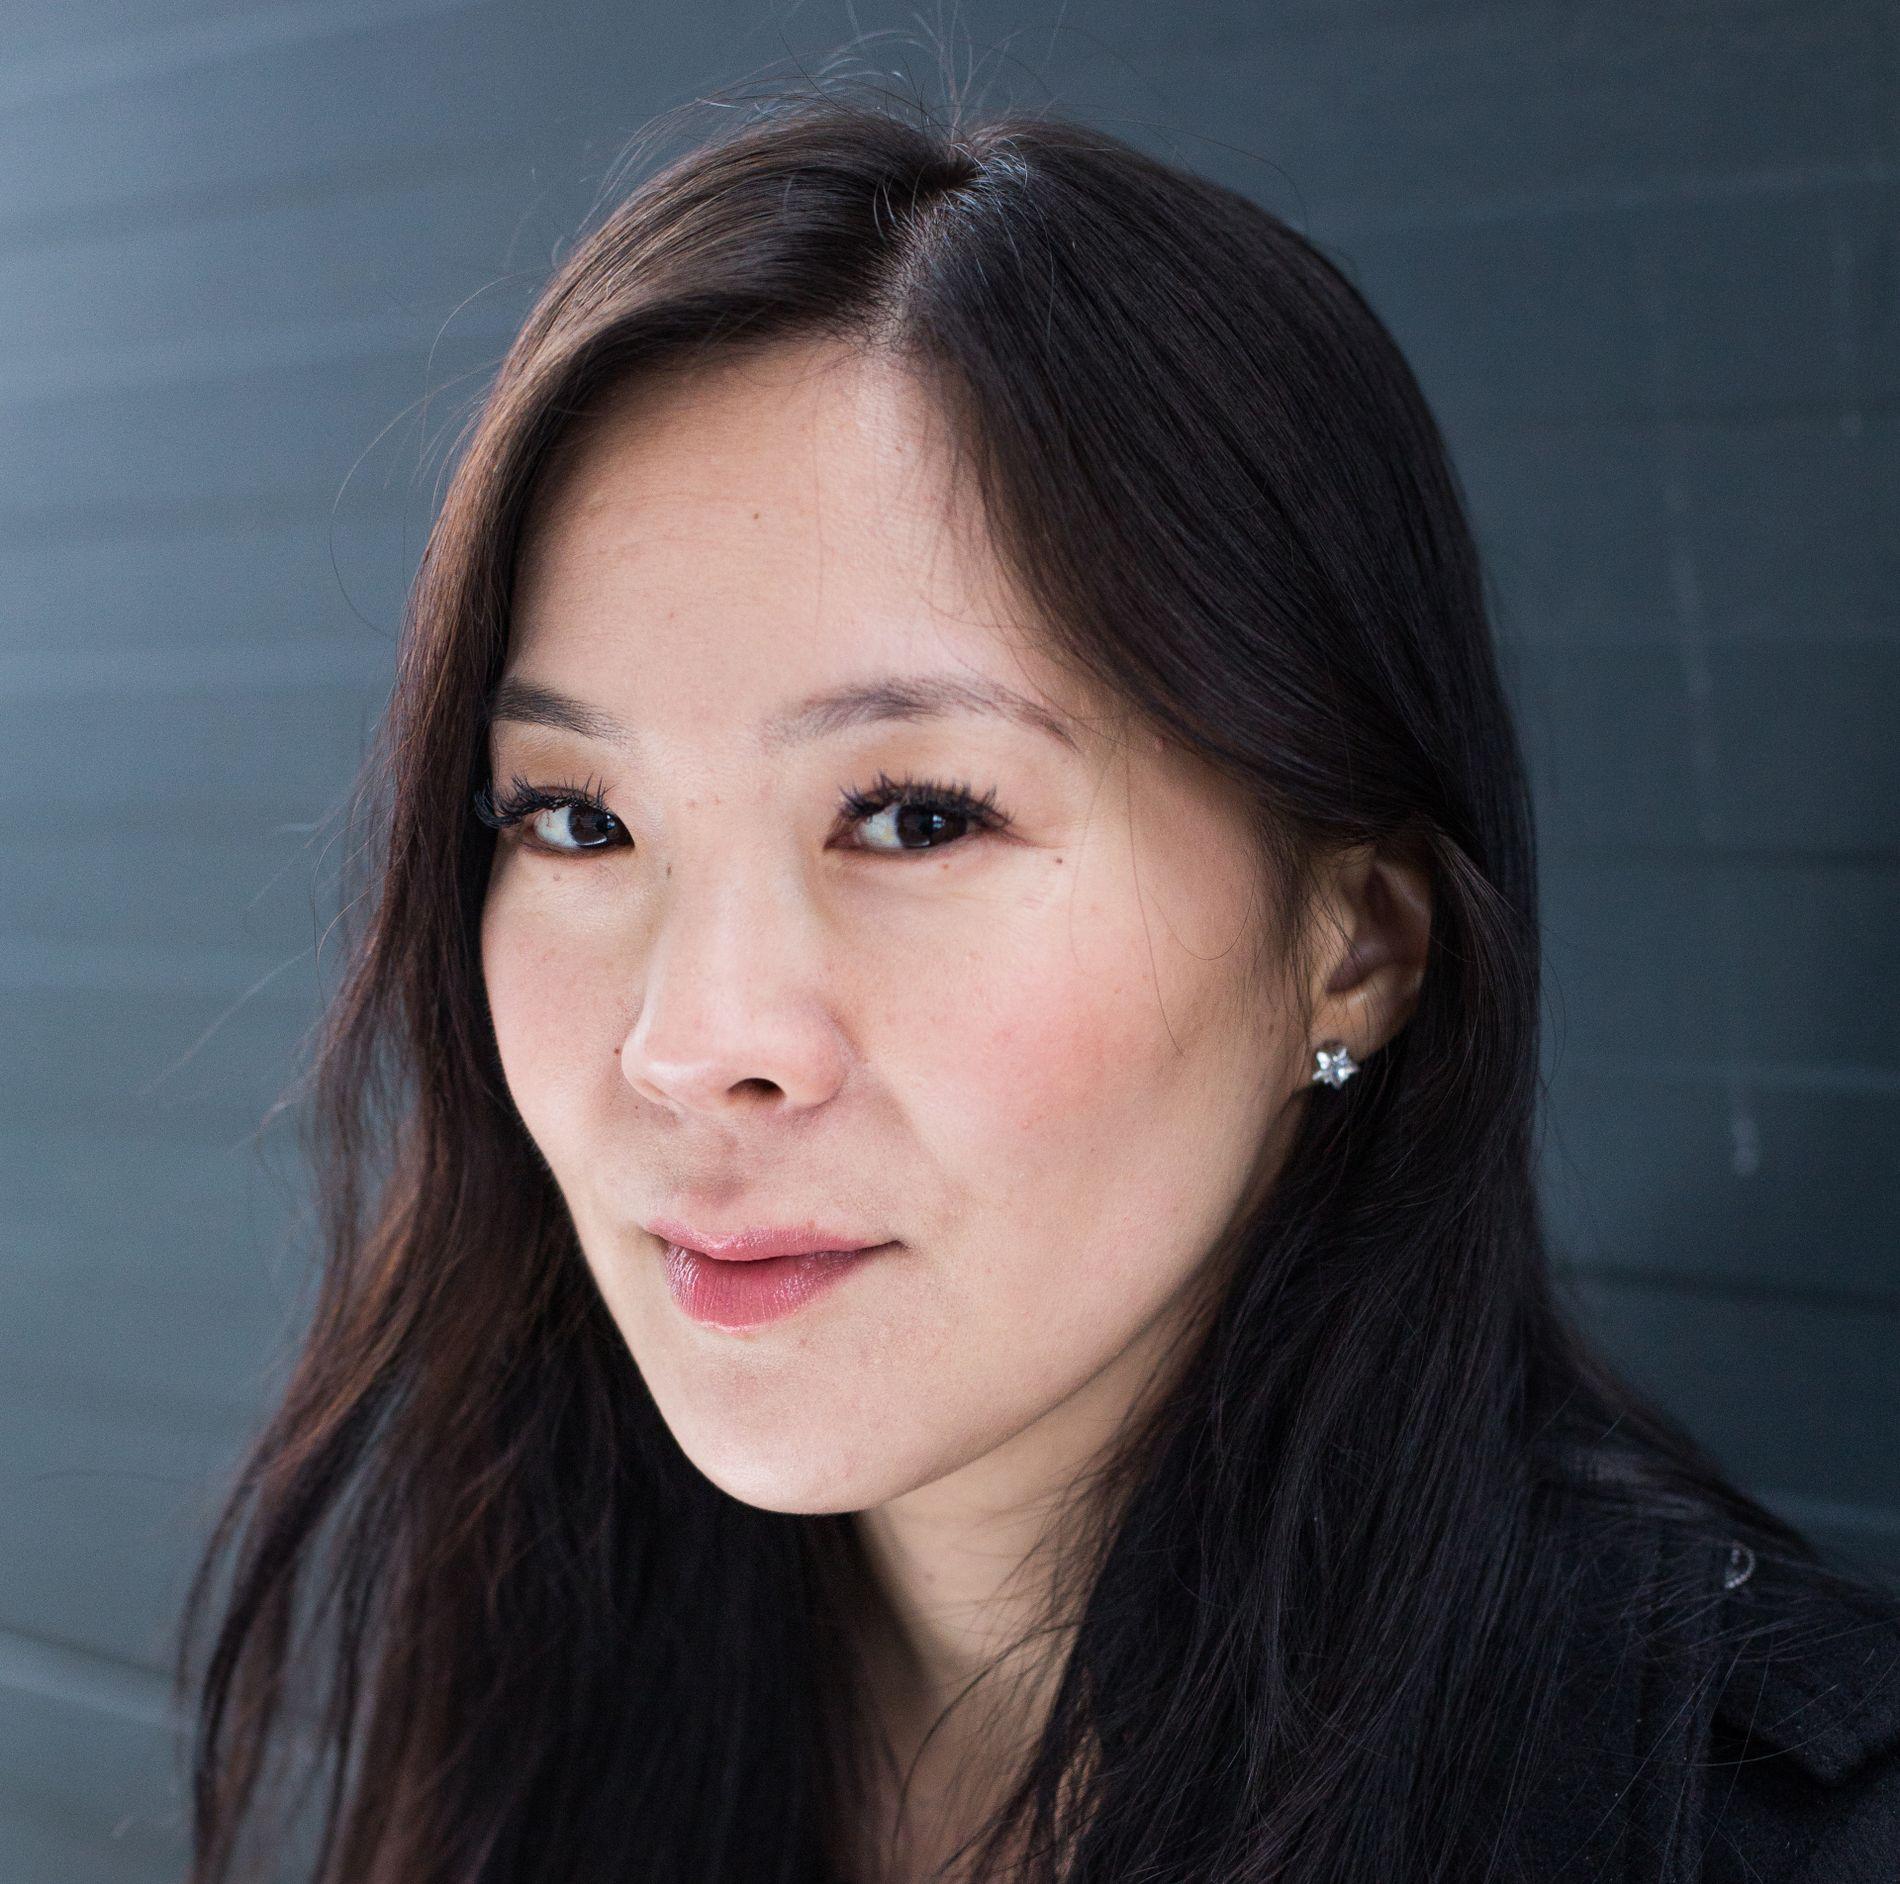 AKTUELL: Sun Heidi Sæbø har jobbet i mange år som utenriksjournalist og reportasjeleder i Dagbladet. Hennes timing for denne boken er god, og hun har satt seg svært godt inn i historien om Nord-Korea og Kim-dynastiet.